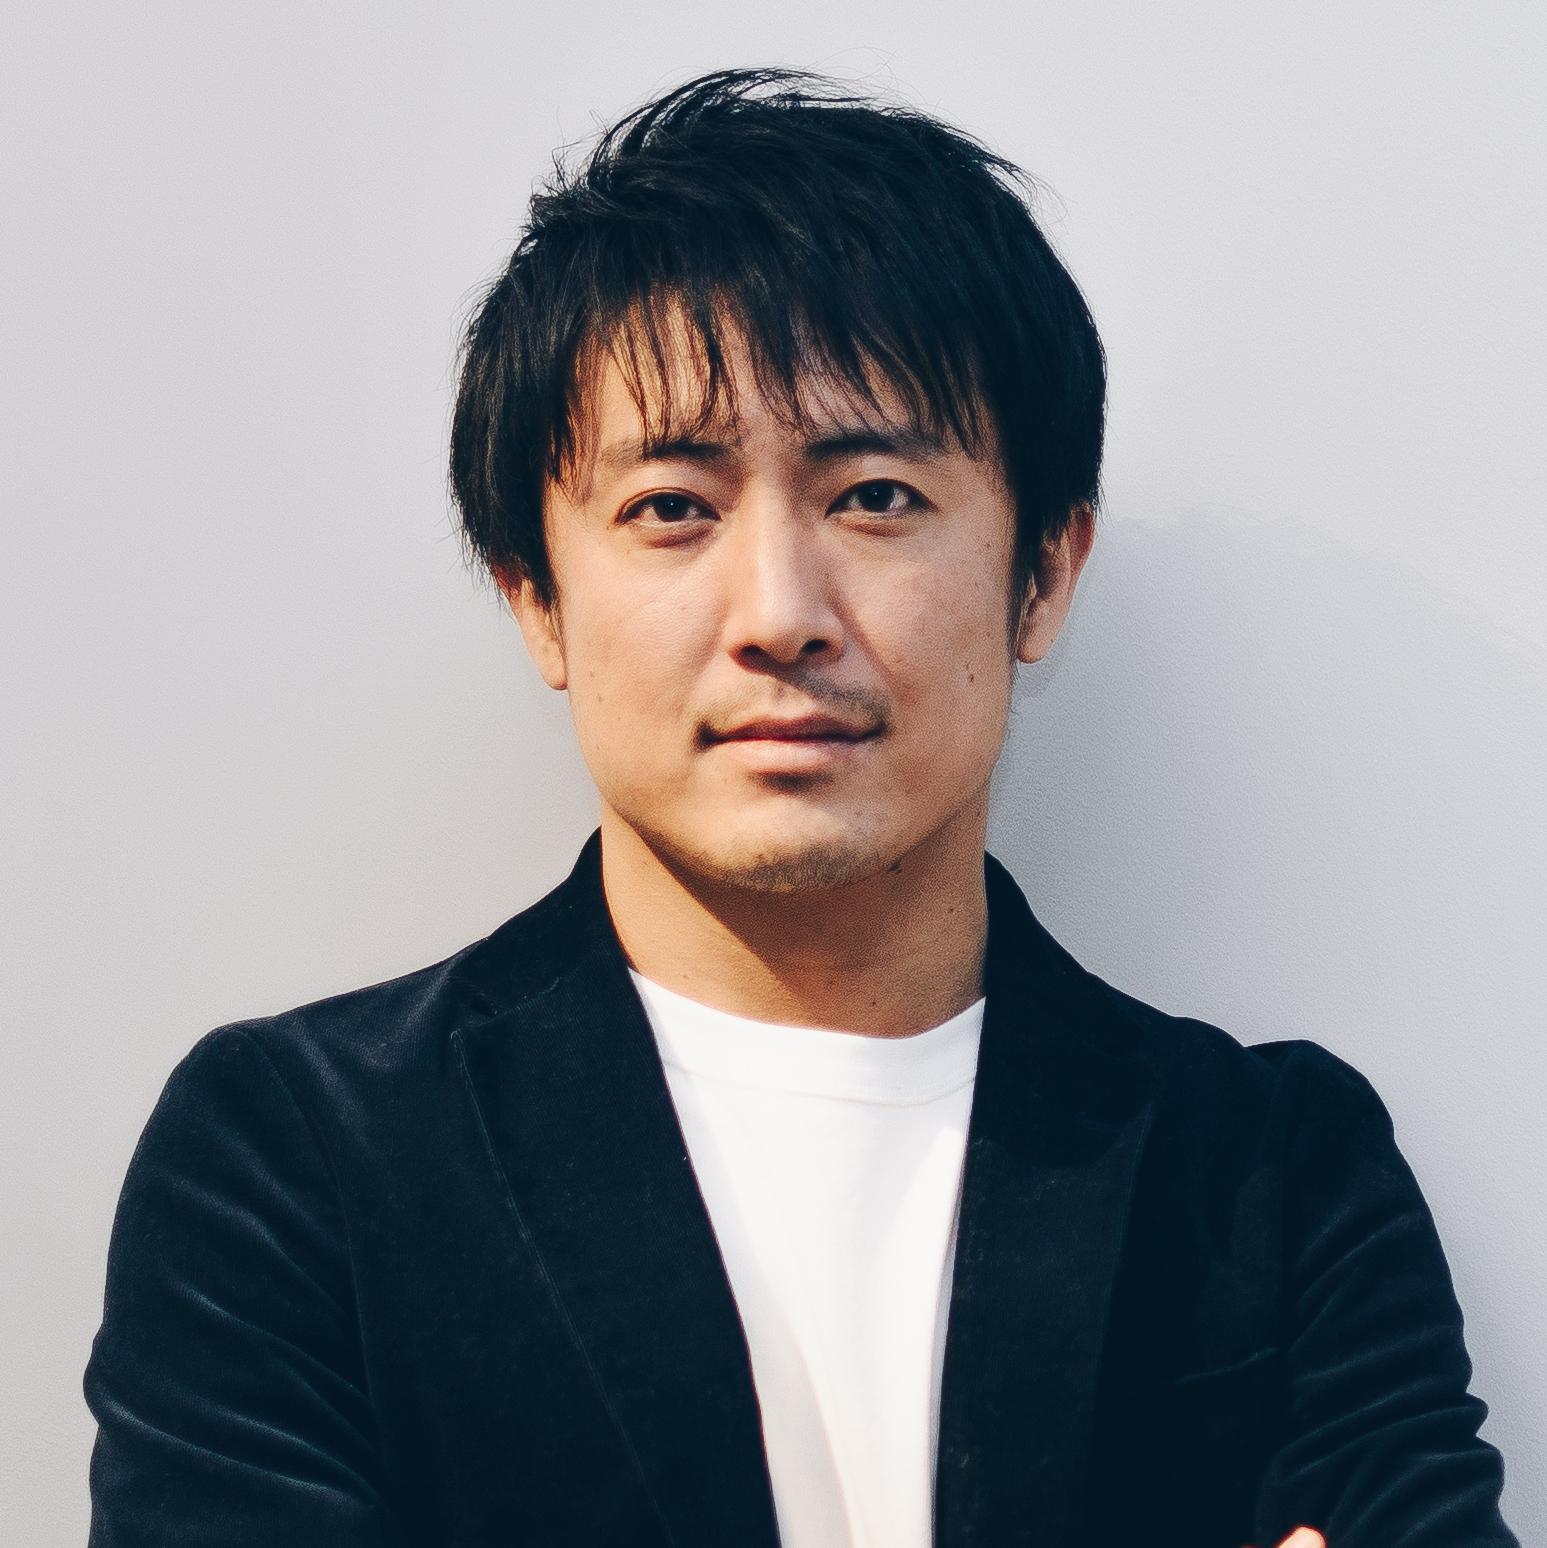 天羽 健介 氏 | コインチェック株式会社 執行役員・コインチェックテクノロジーズ株式会社 代表取締役